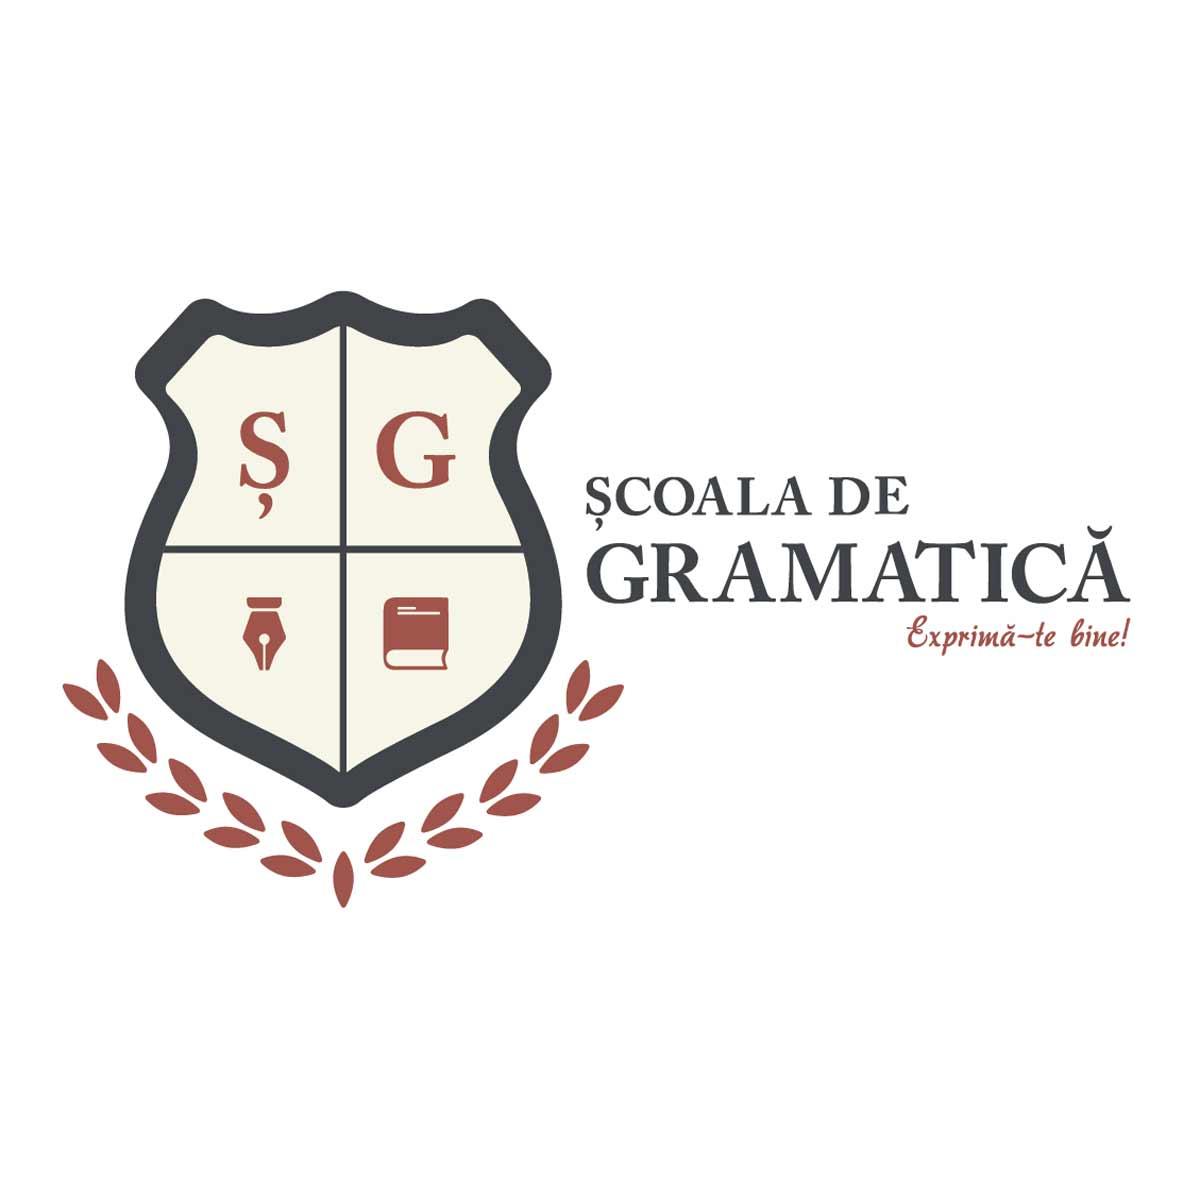 Școala de gramatică Logo